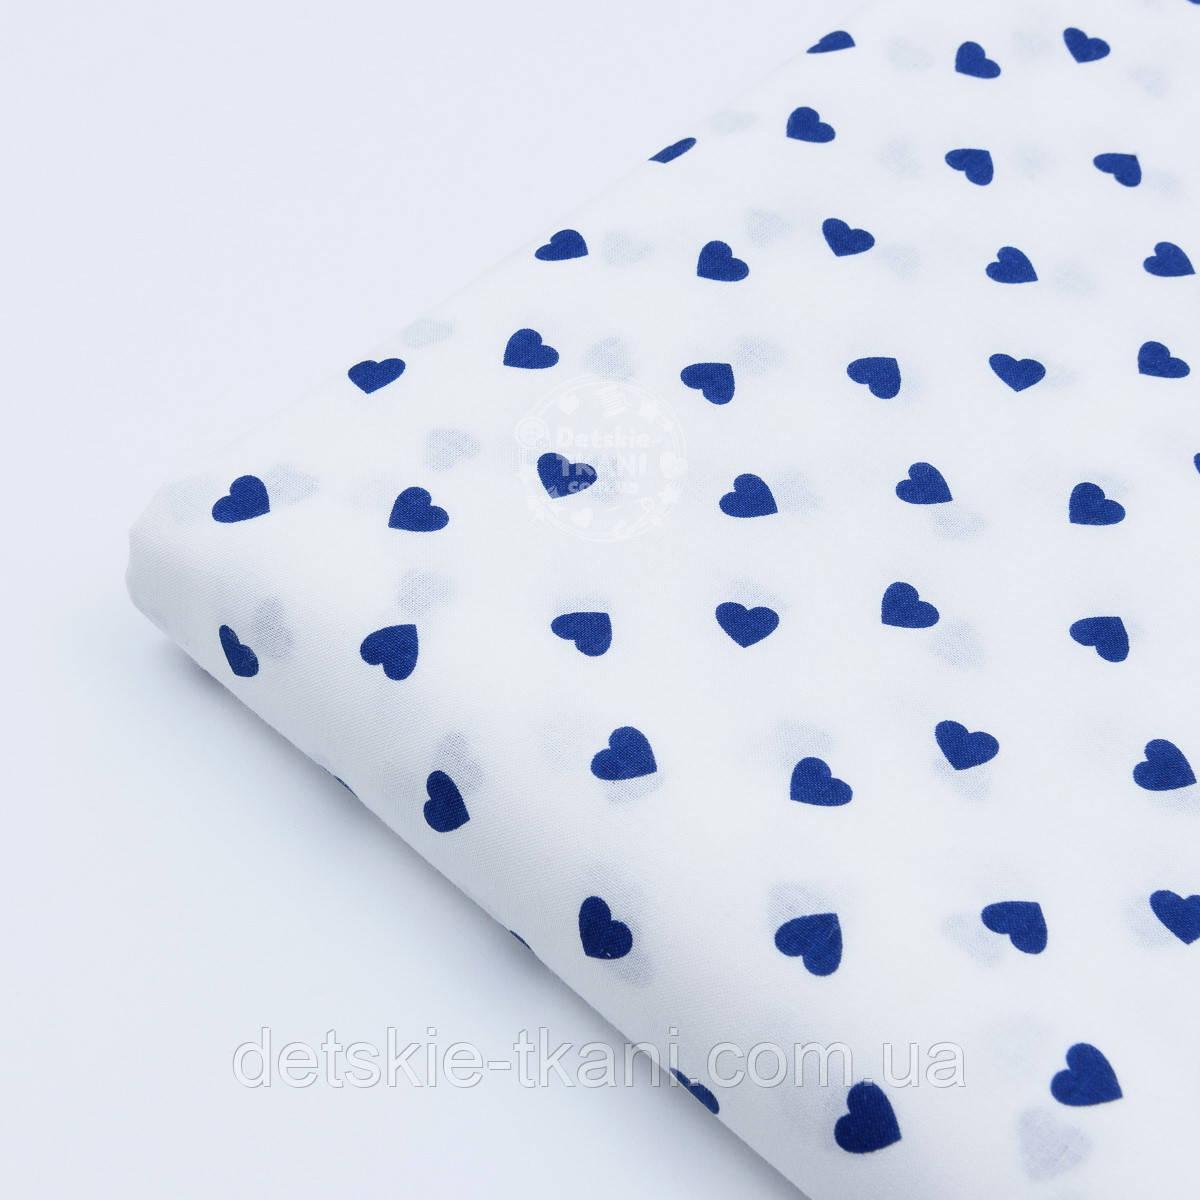 Лоскут ткани с синими редкими сердечками 10 мм на белом фоне (№1691а), размер 19*160 см